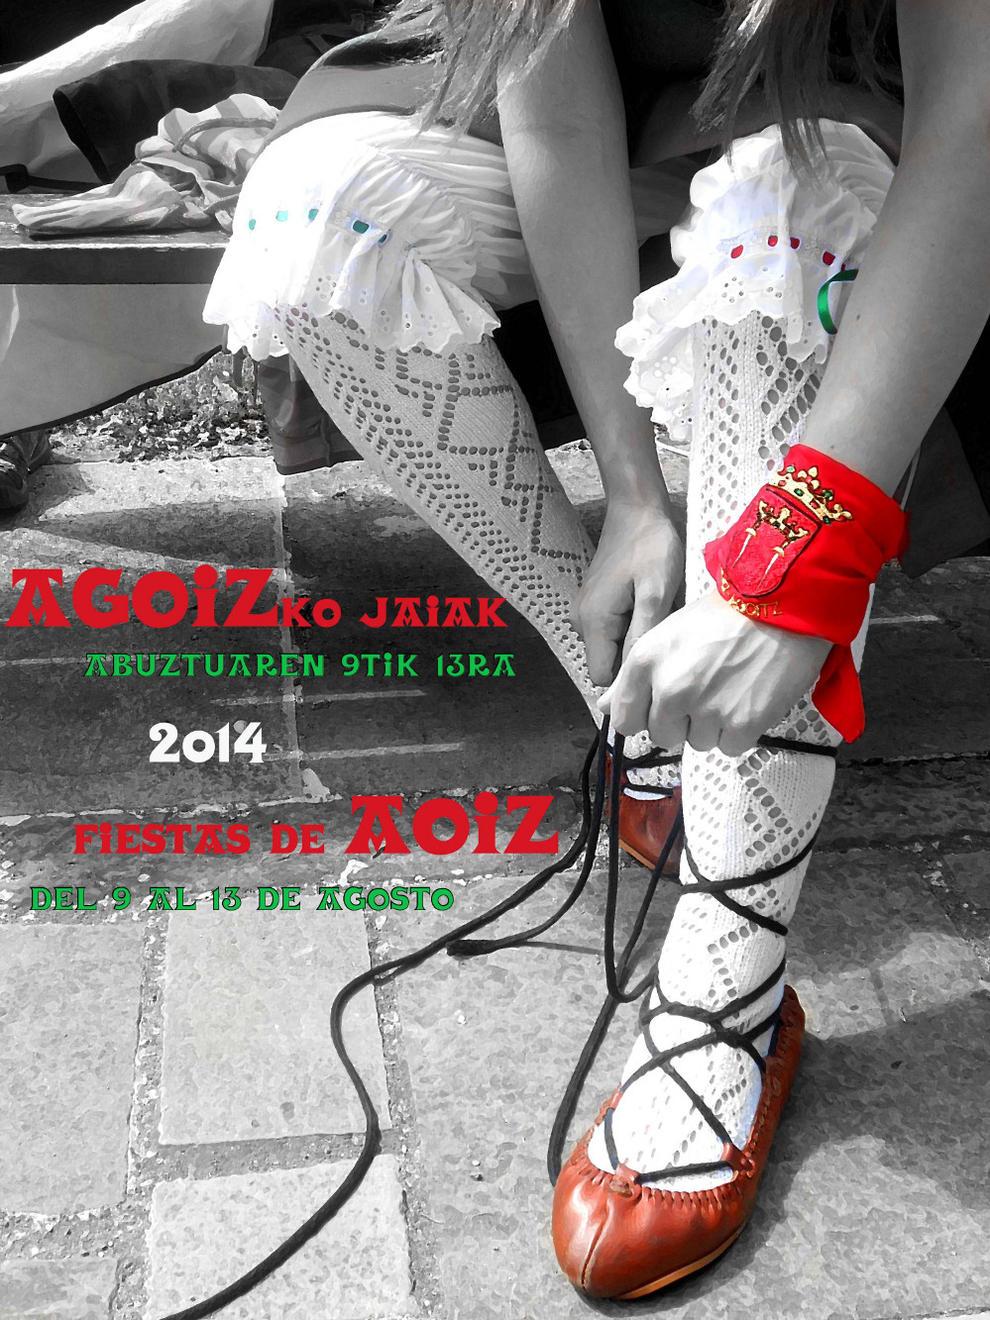 Cartel anunciador de Aoiz.. DN